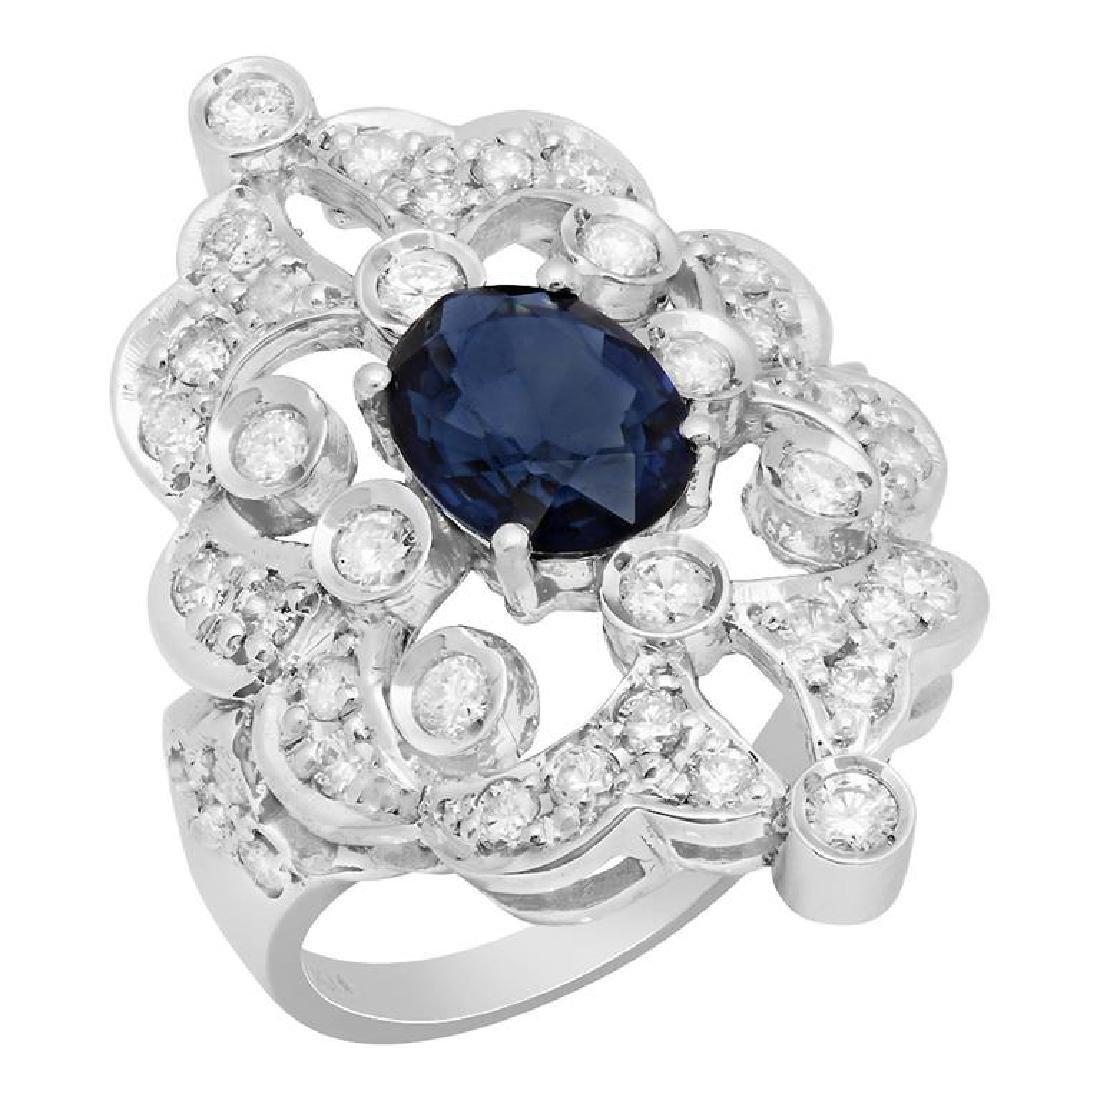 14k White Gold 1.75ct Sapphire 1.27ct Diamond Ring